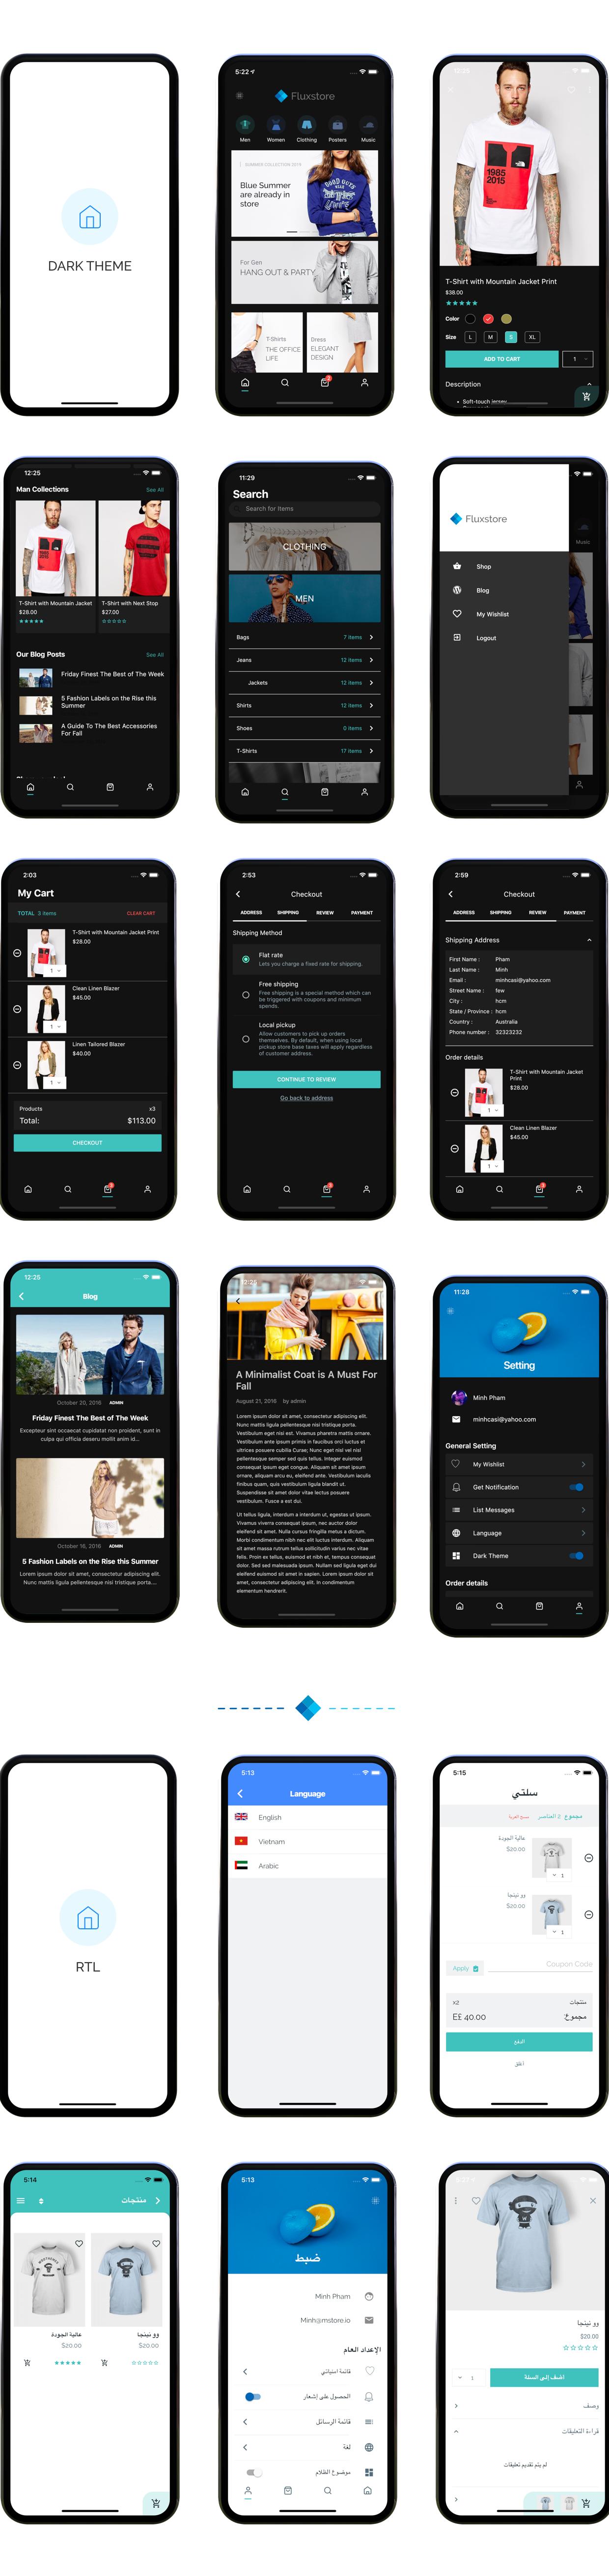 Fluxstore WooCommerce - Flutter E-commerce Full App - 29